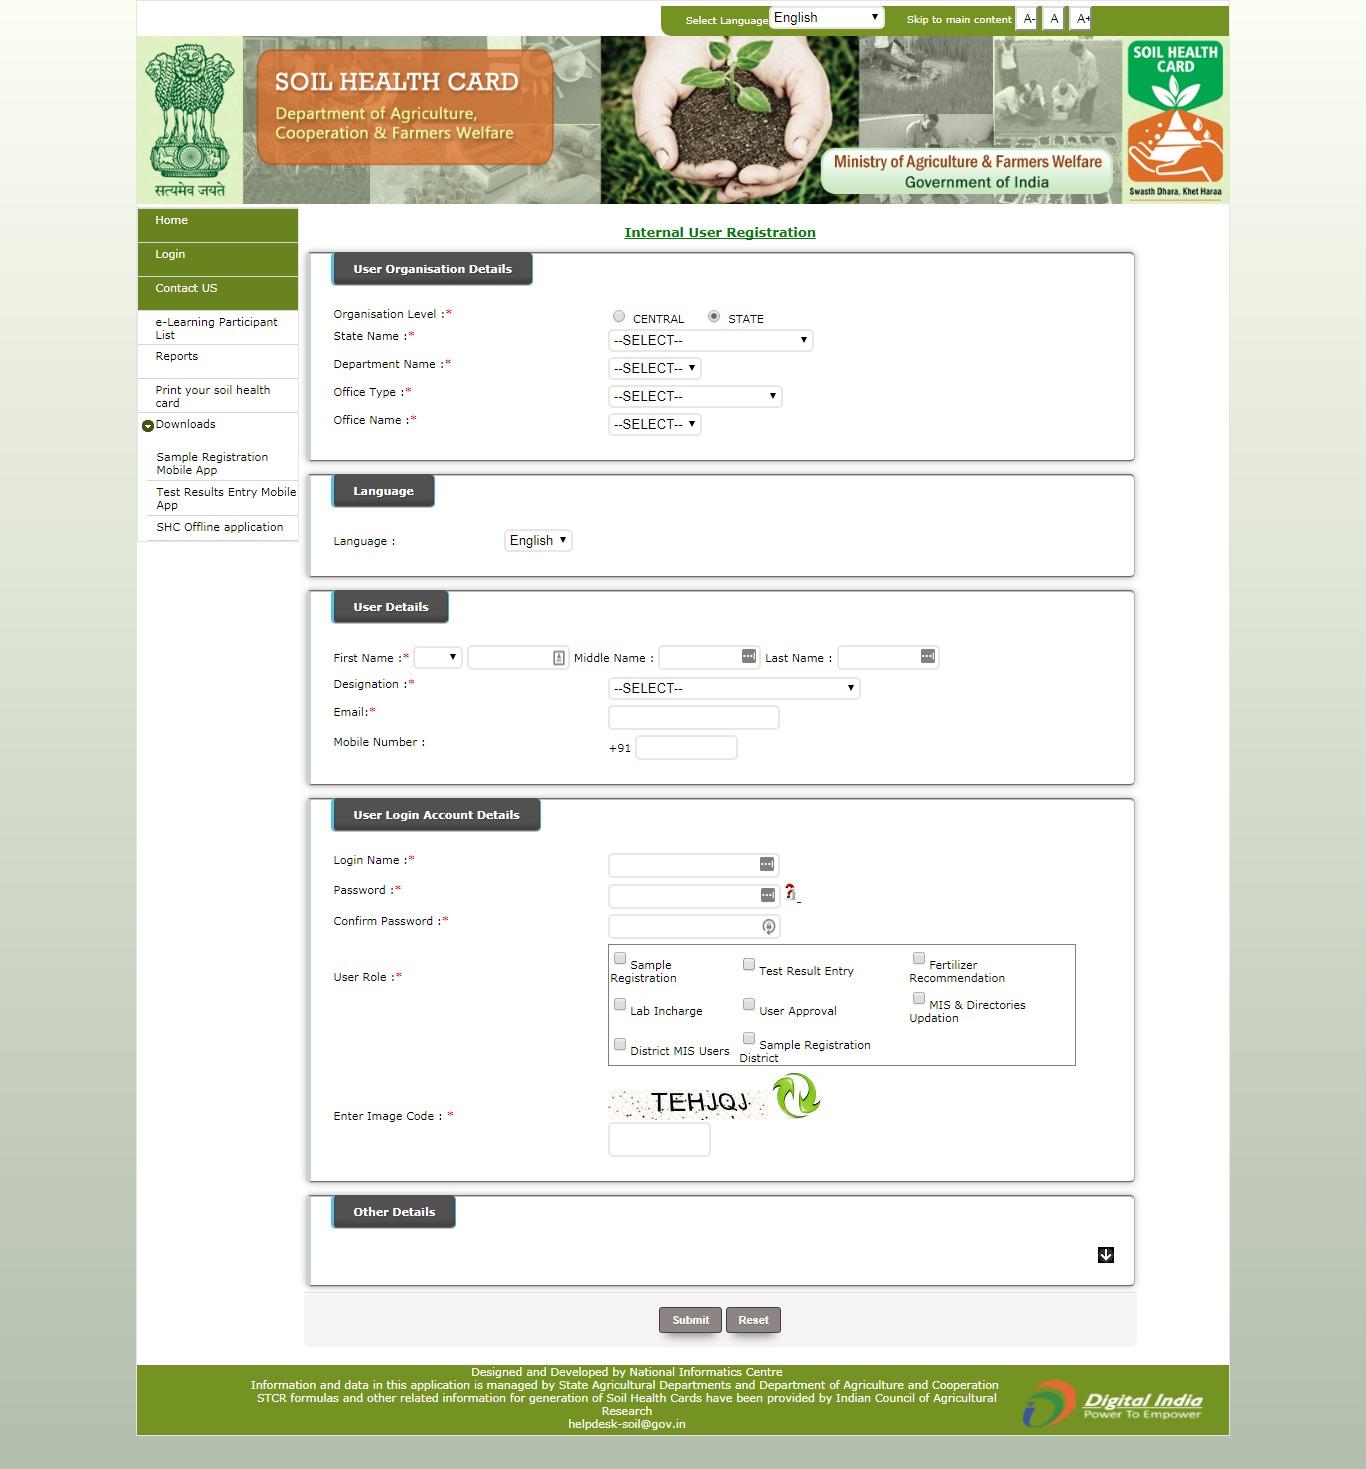 सॉइल हेल्थ कार्ड स्कीम/ मृदा स्वास्थ्य कार्ड योजना